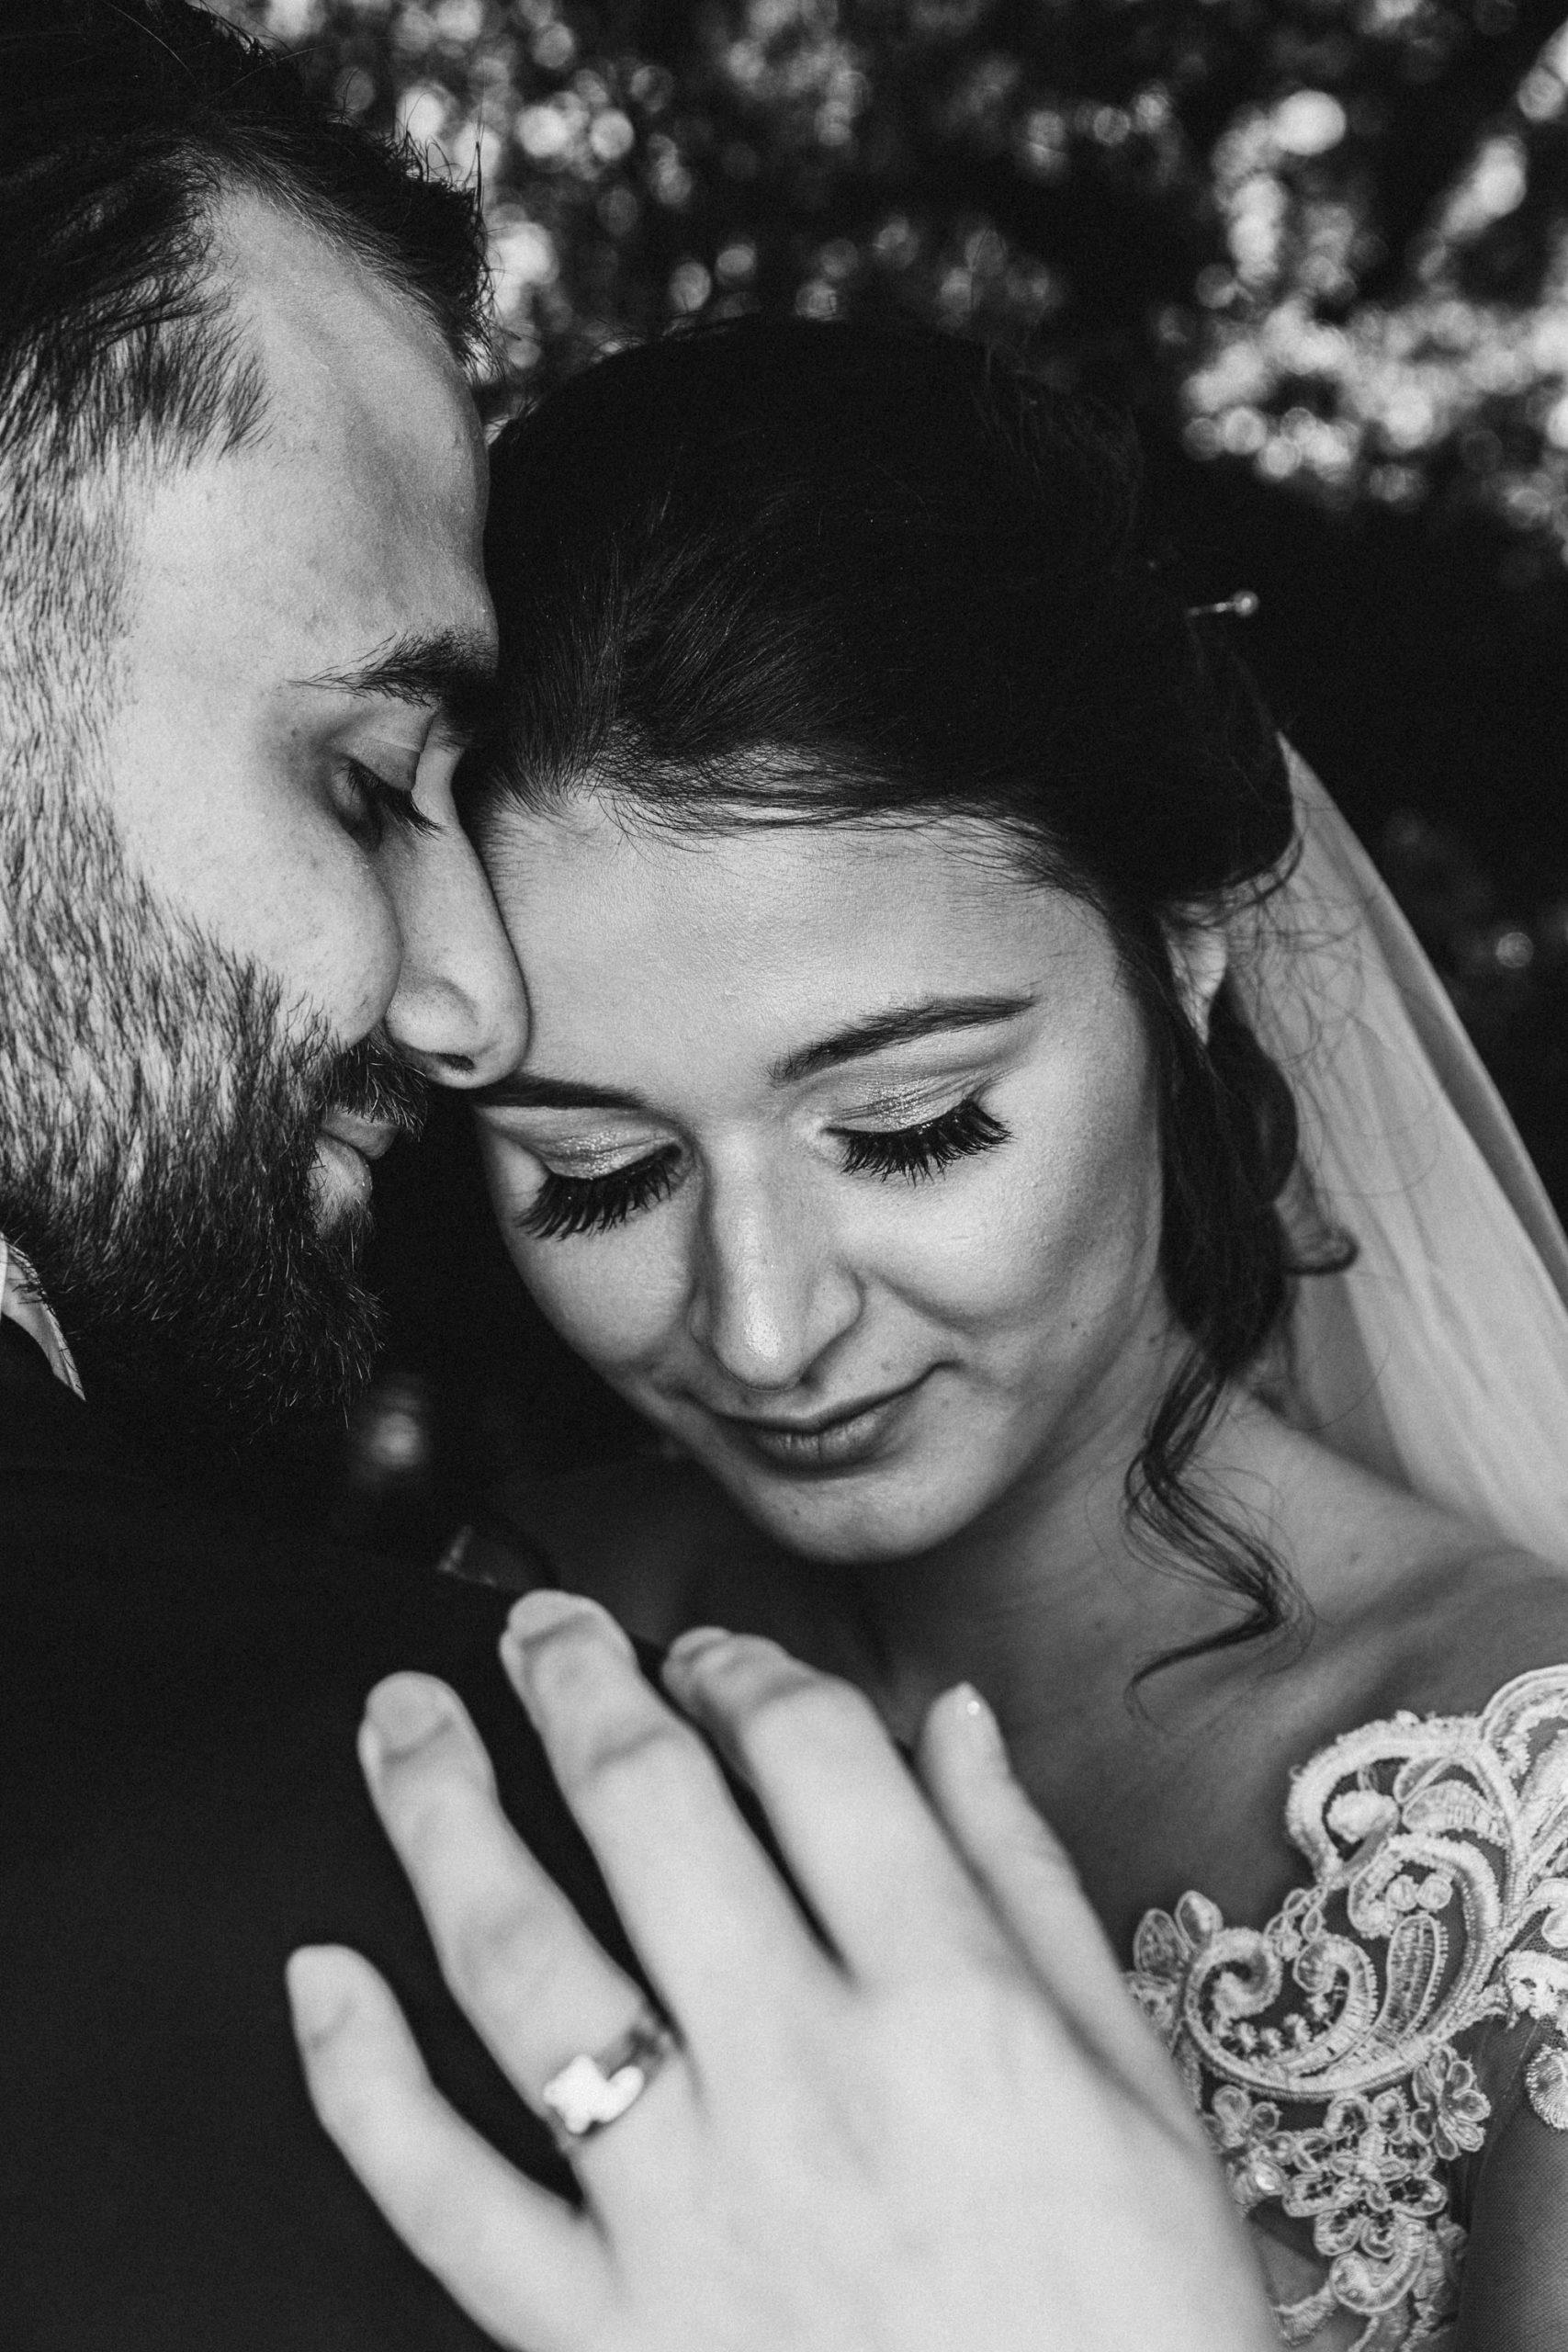 Hochzeitsbild eines türkischen Brautpaares Braut schaut verlegen herunter, das Paar tausch zärtlichkeiten aus, sehr schönes Posing